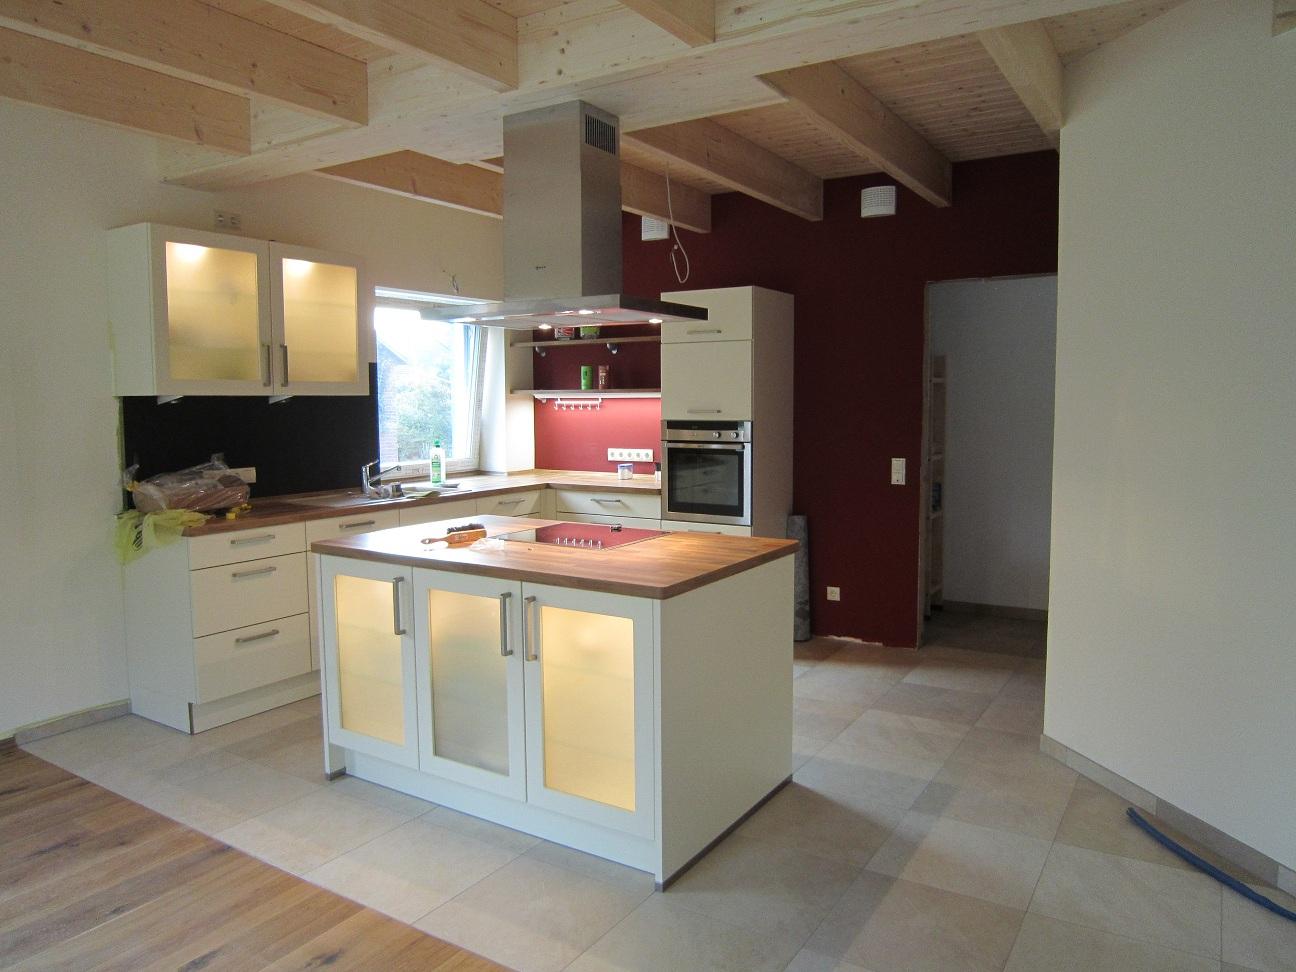 Bautagebuch eines Passivhauses: Küche da